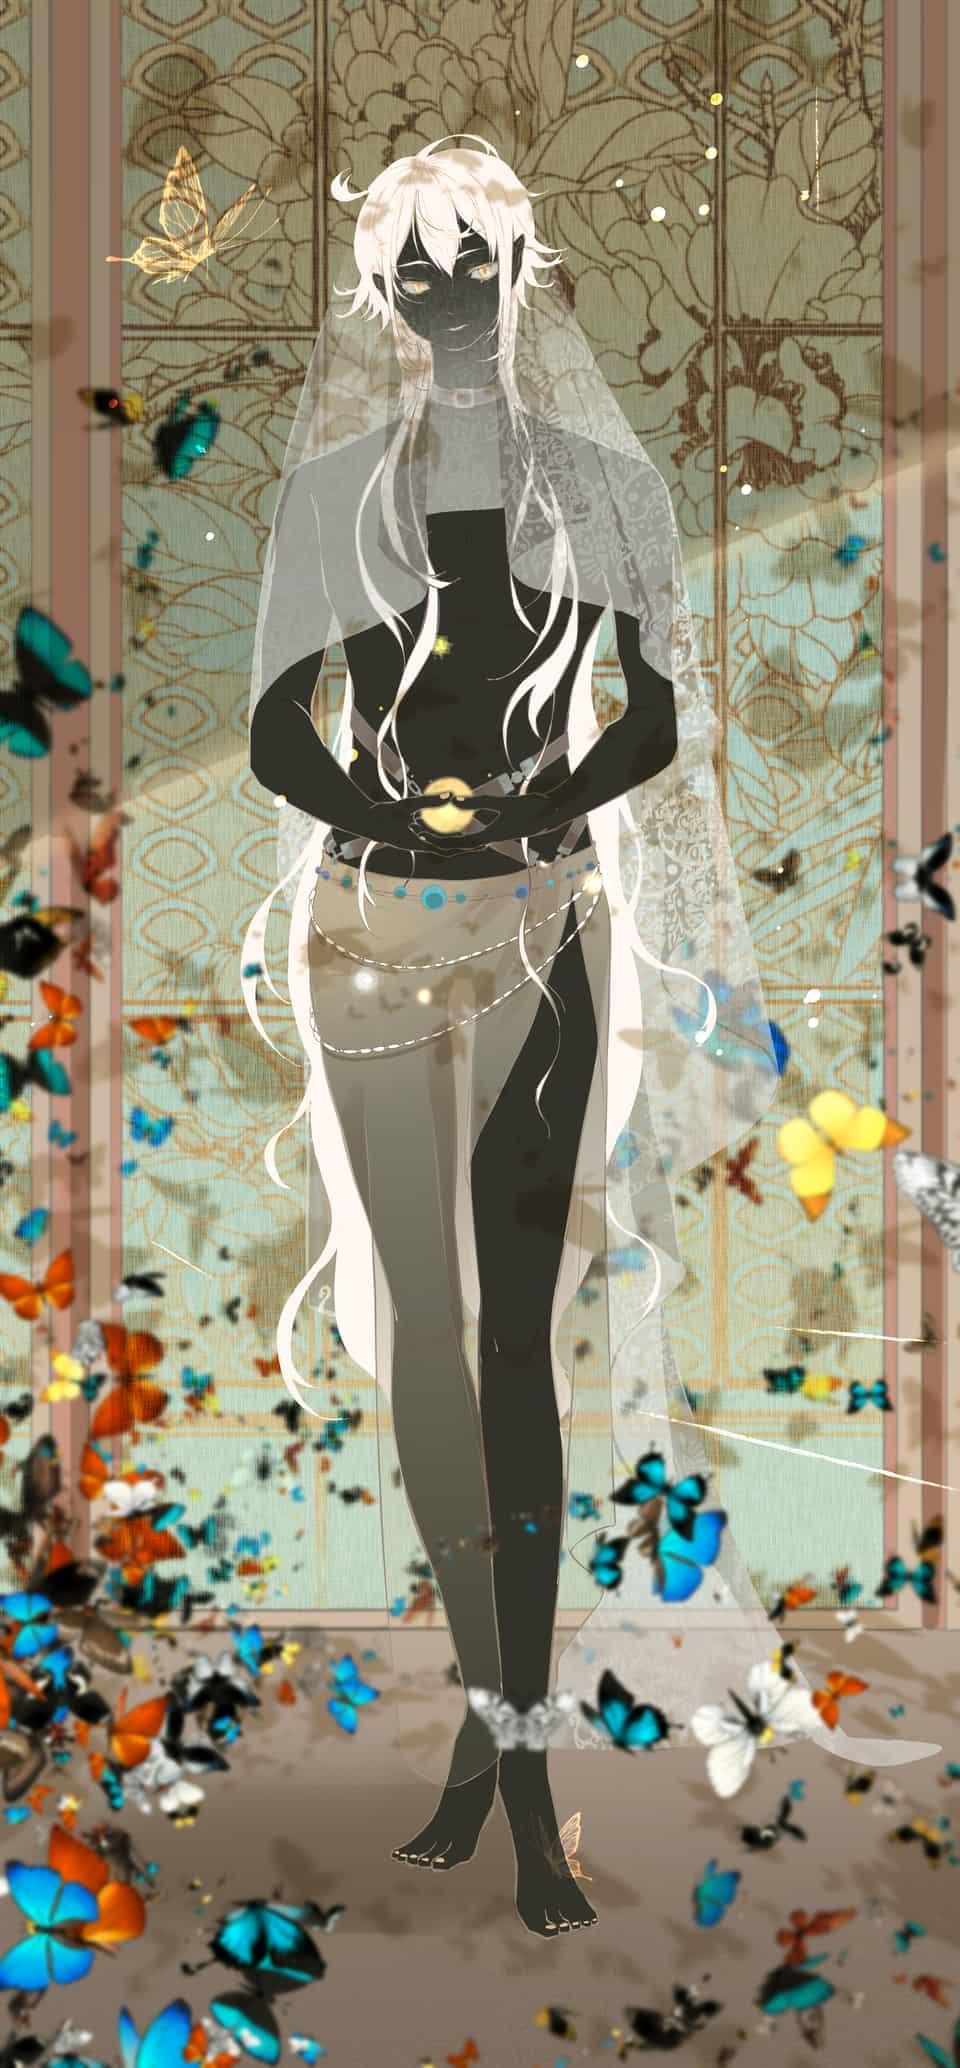 虫神 Illust of 旗蓝 ARTstreet_Ranking illustration